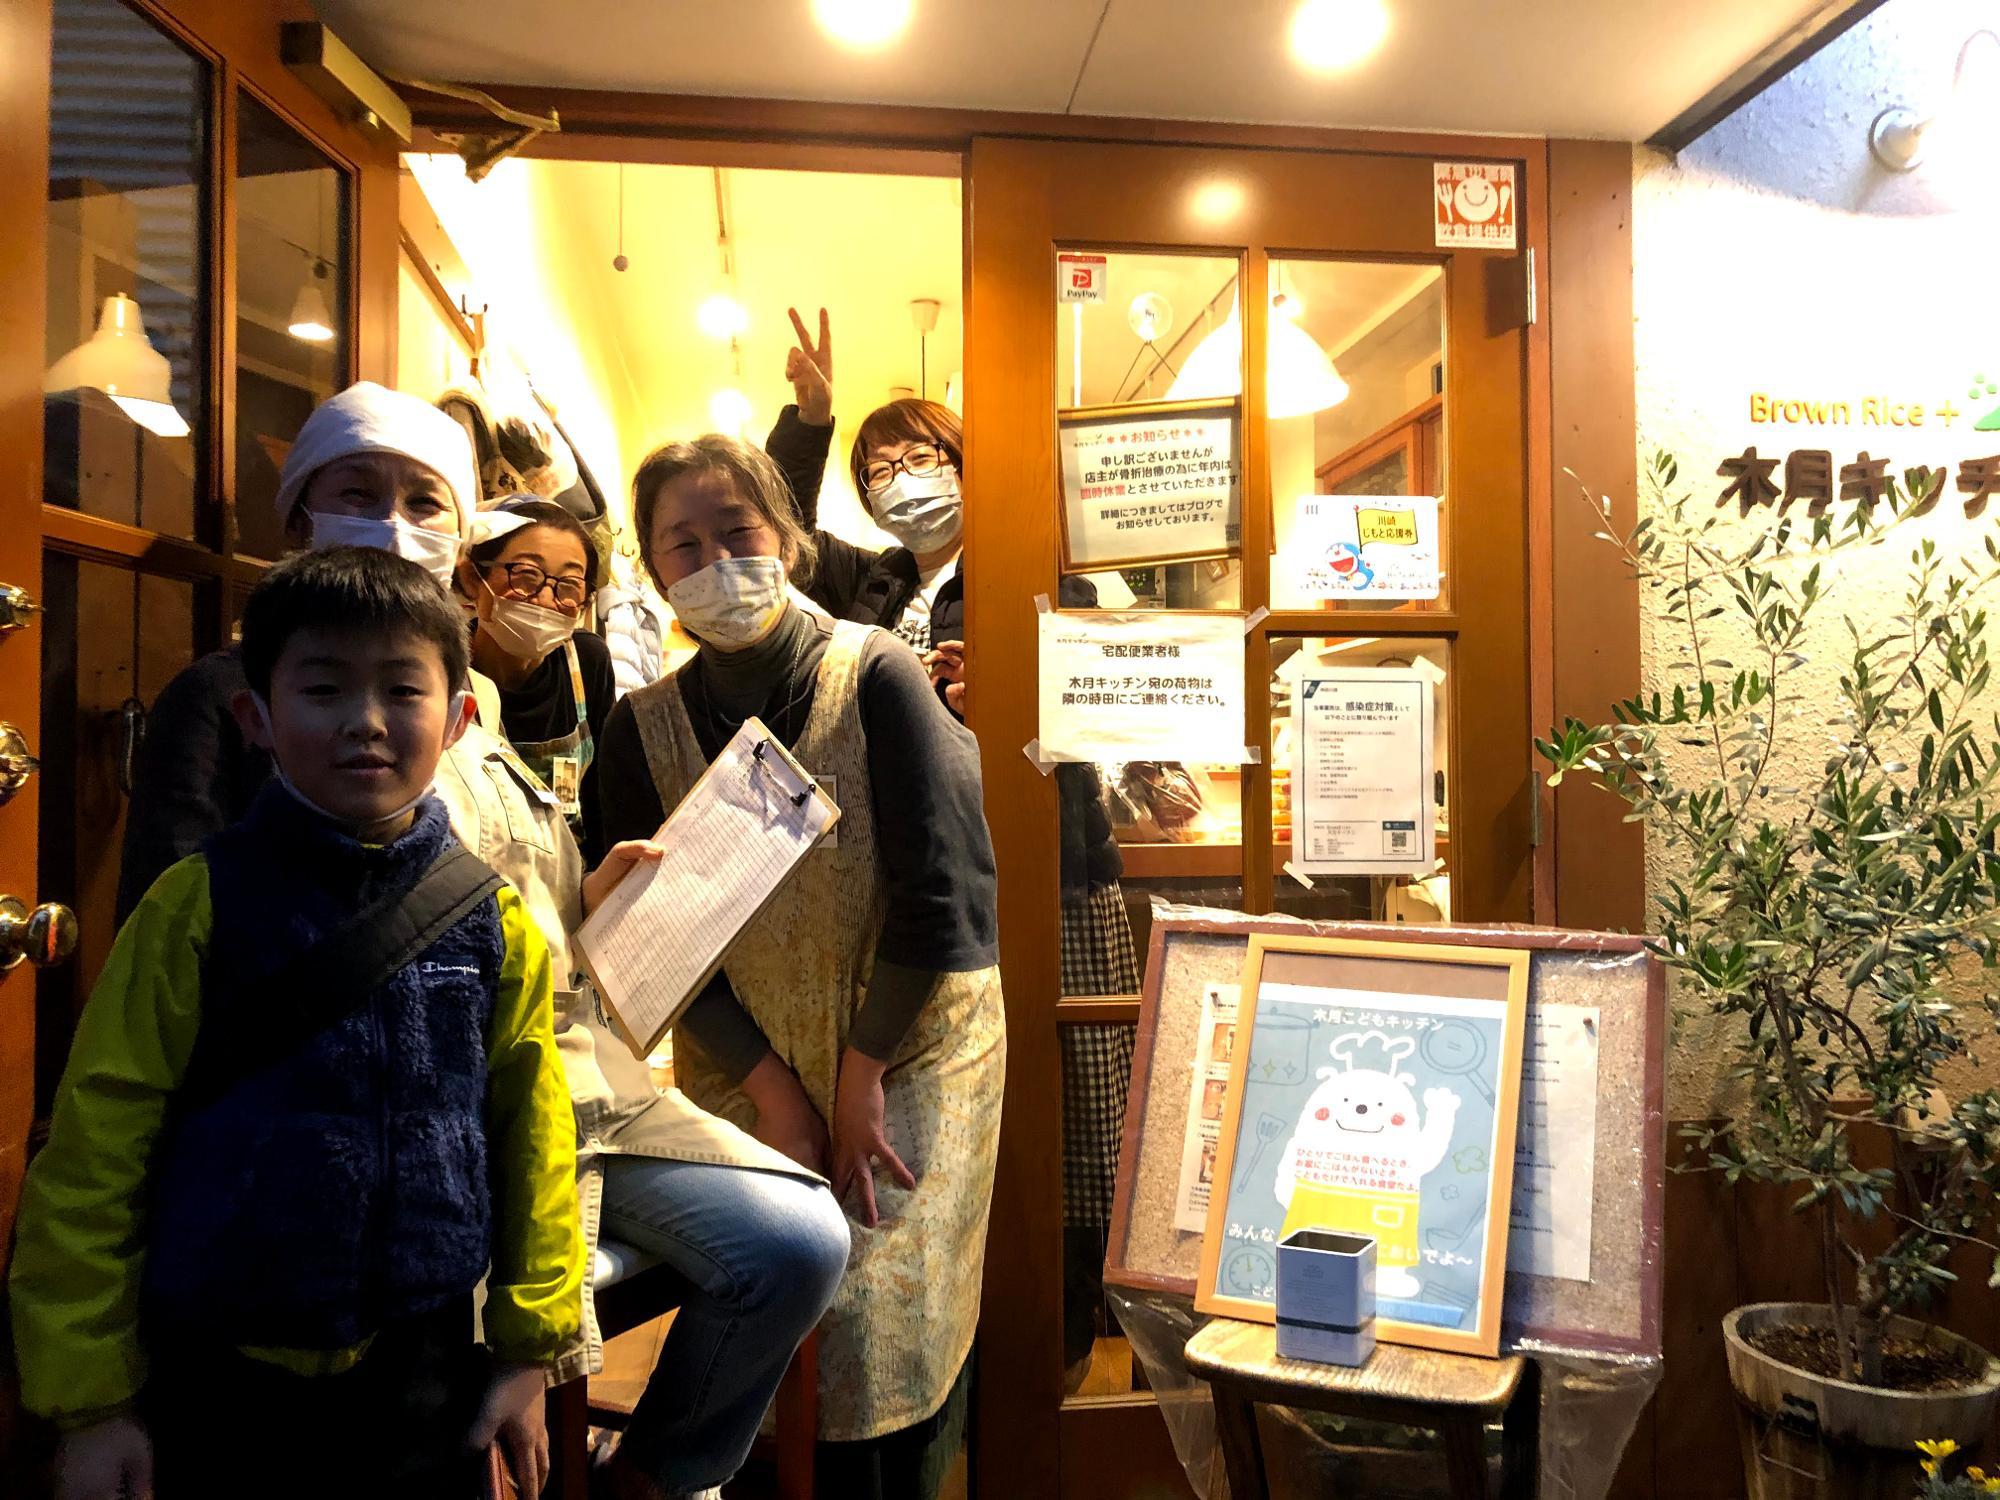 空太郎も毎回、木月子どもキッチンのお弁当をうまい!うまい!と連発して食べる(煉獄さん?)時田さんとボランティアの皆さんに感謝!